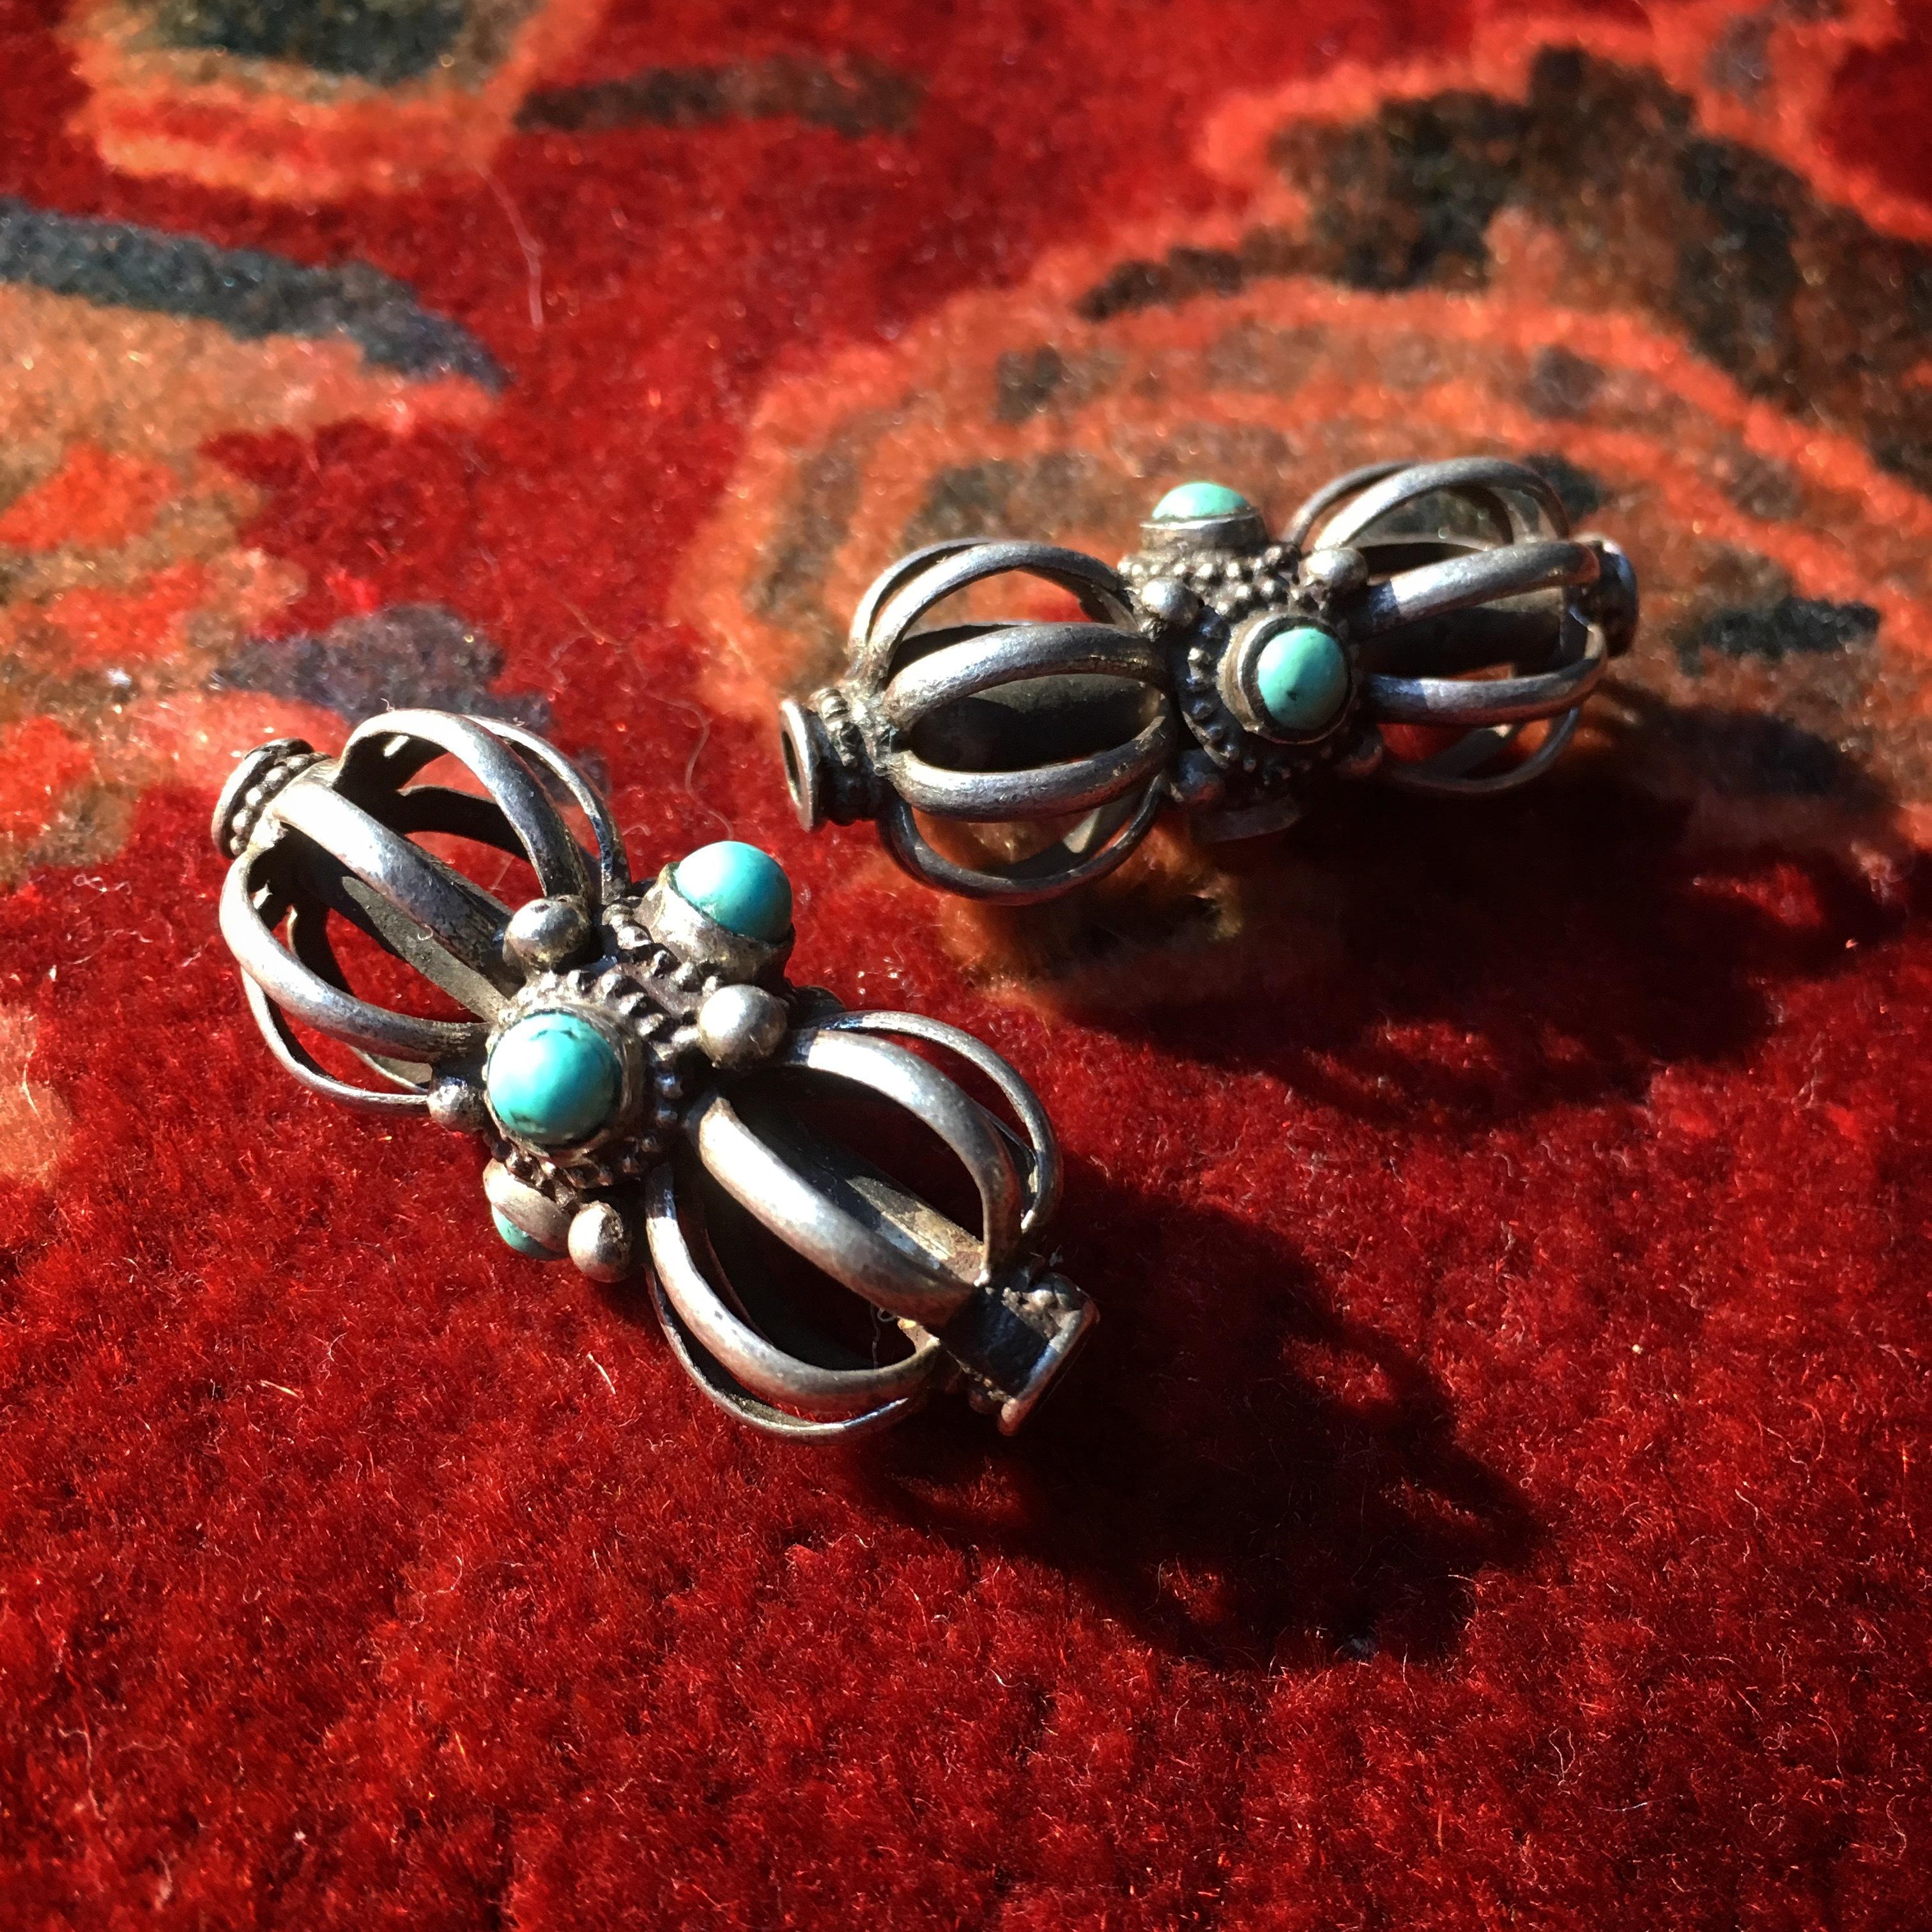 シルバー ドルジェ型 ターコイズ付き装飾品